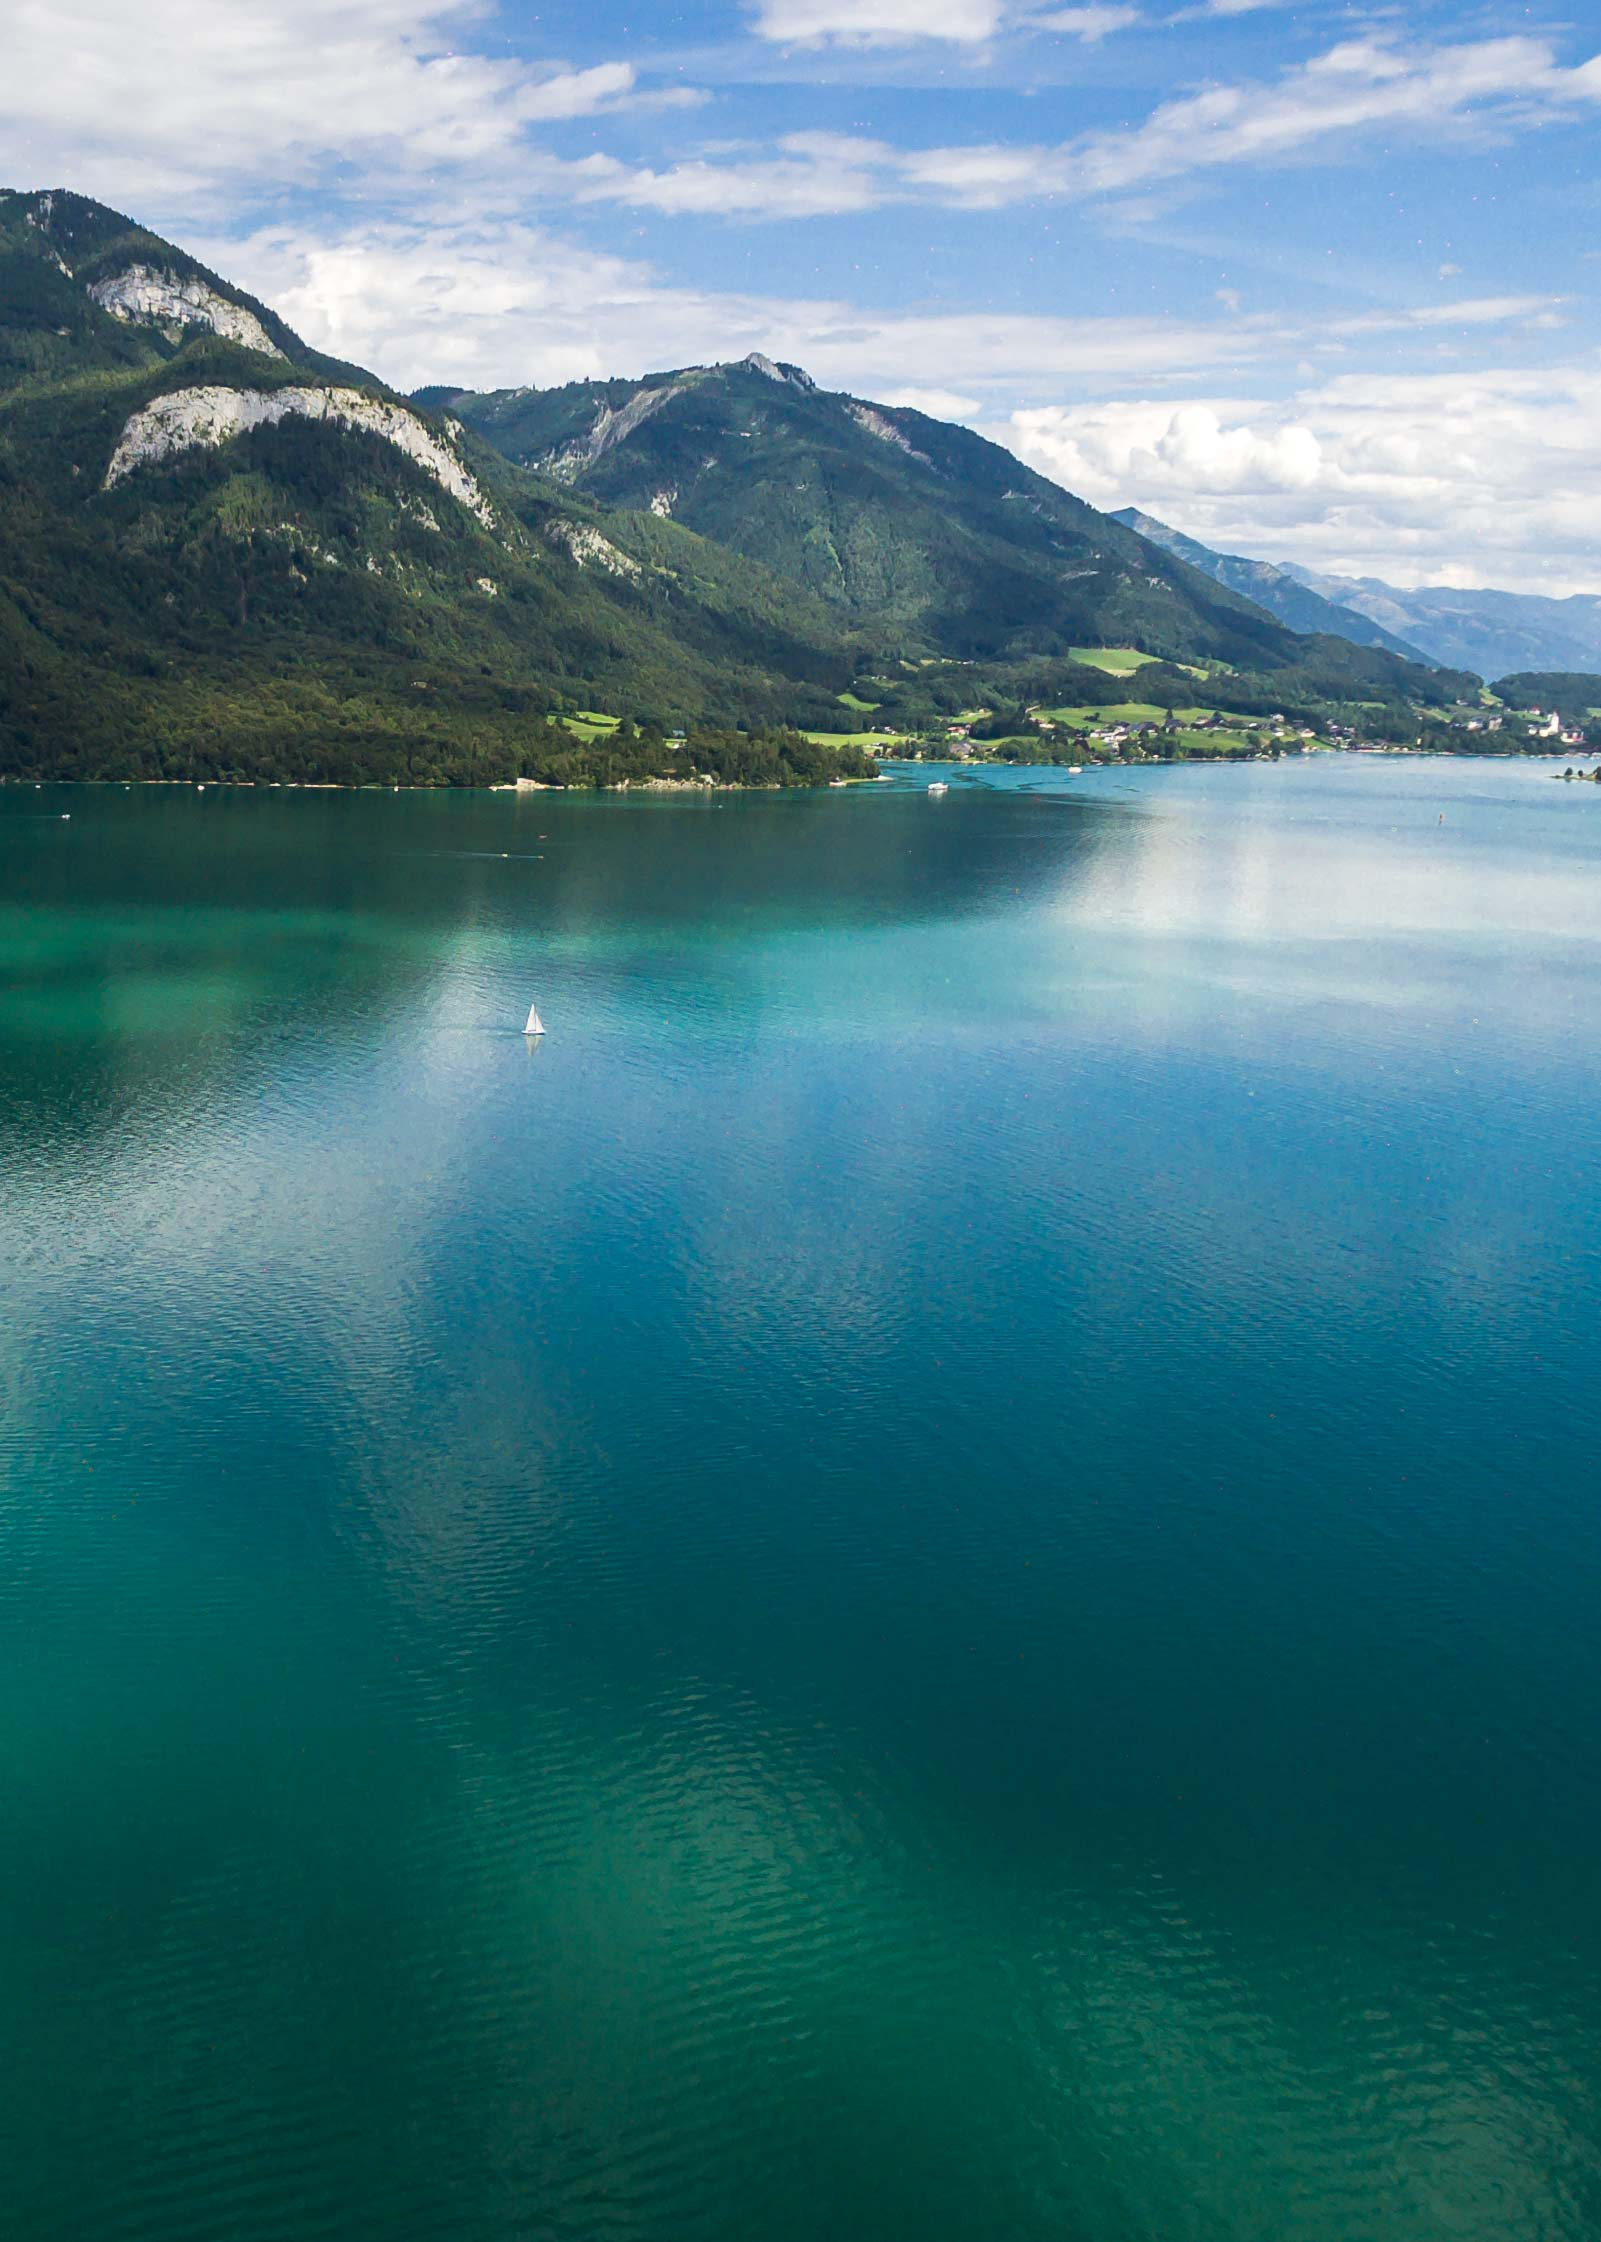 Reisetipps mit Kids: Urlaub in Österreich am Mondsee im Zelt // Traveling to Austria with Kids by https://babyrockmyday.com/reisetipps-oesterreich-mondsee/